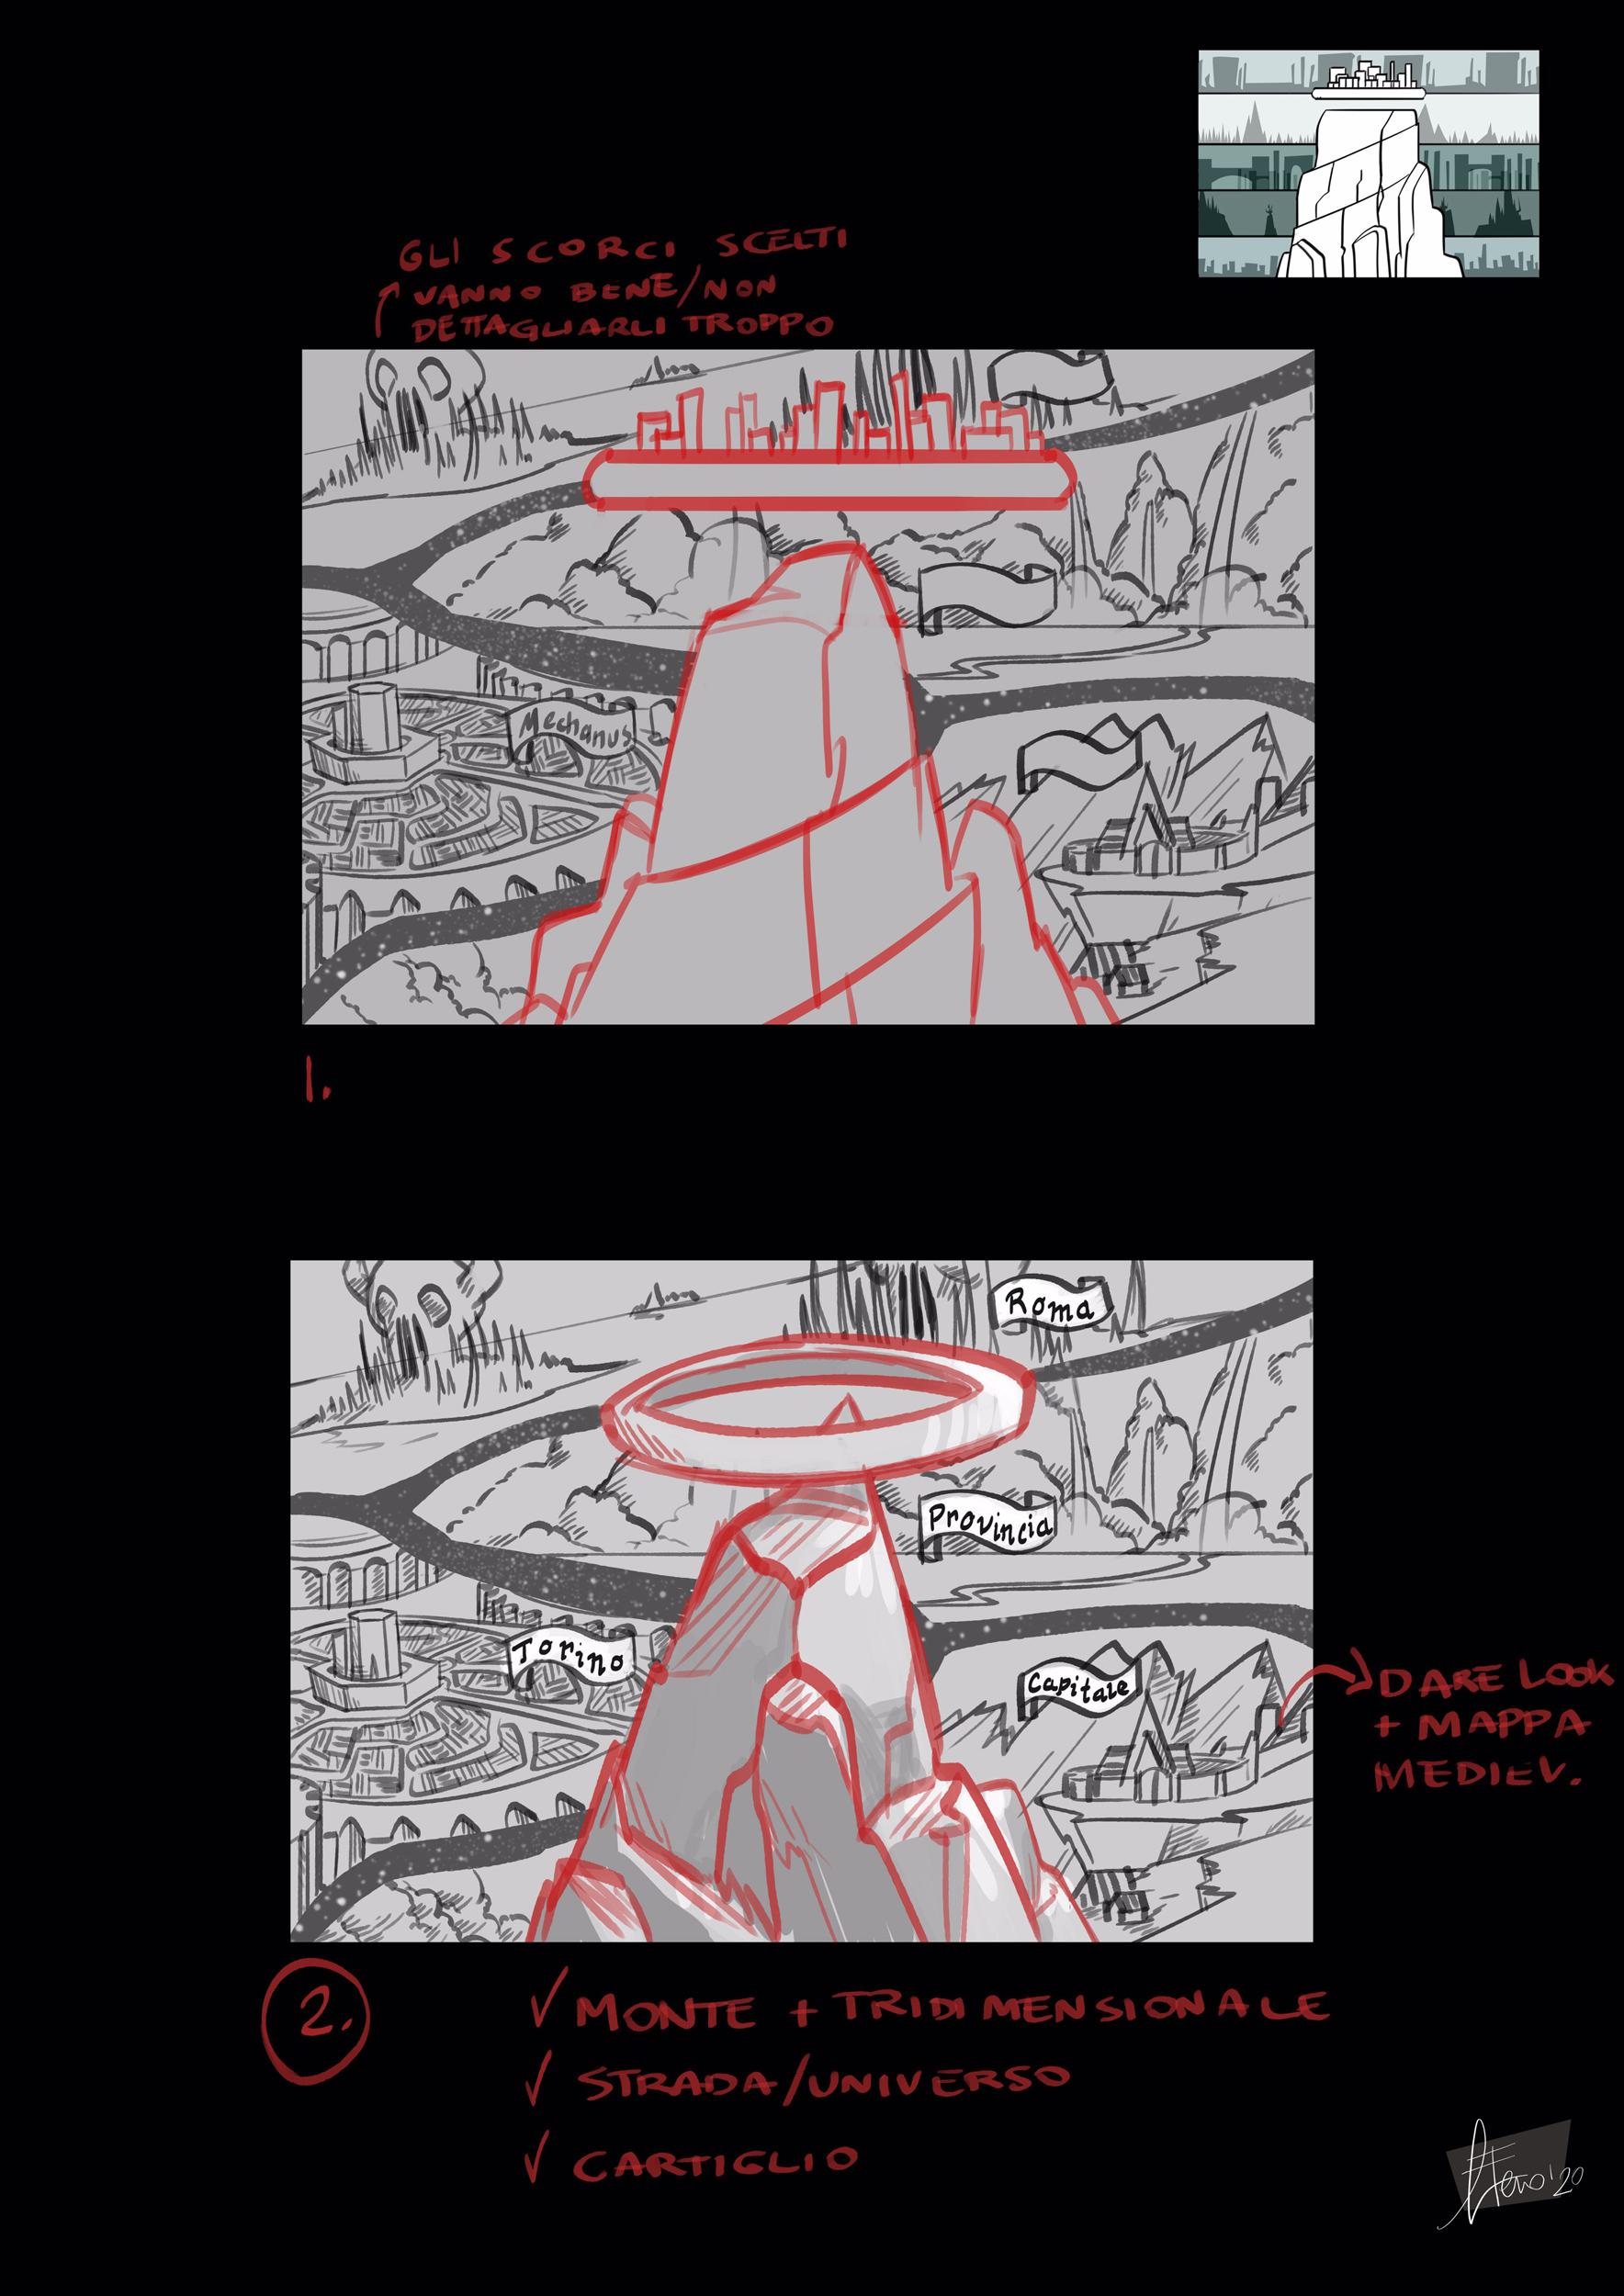 gnagneterno Poster promozionale (Sigil e i Piani Esterni) studio 02 - by Agnese Eterno Planescape Torment Redesign Project (2020) © Scuola Internazionale di Comics Torino e dell'autore, tutti i diritti riservati